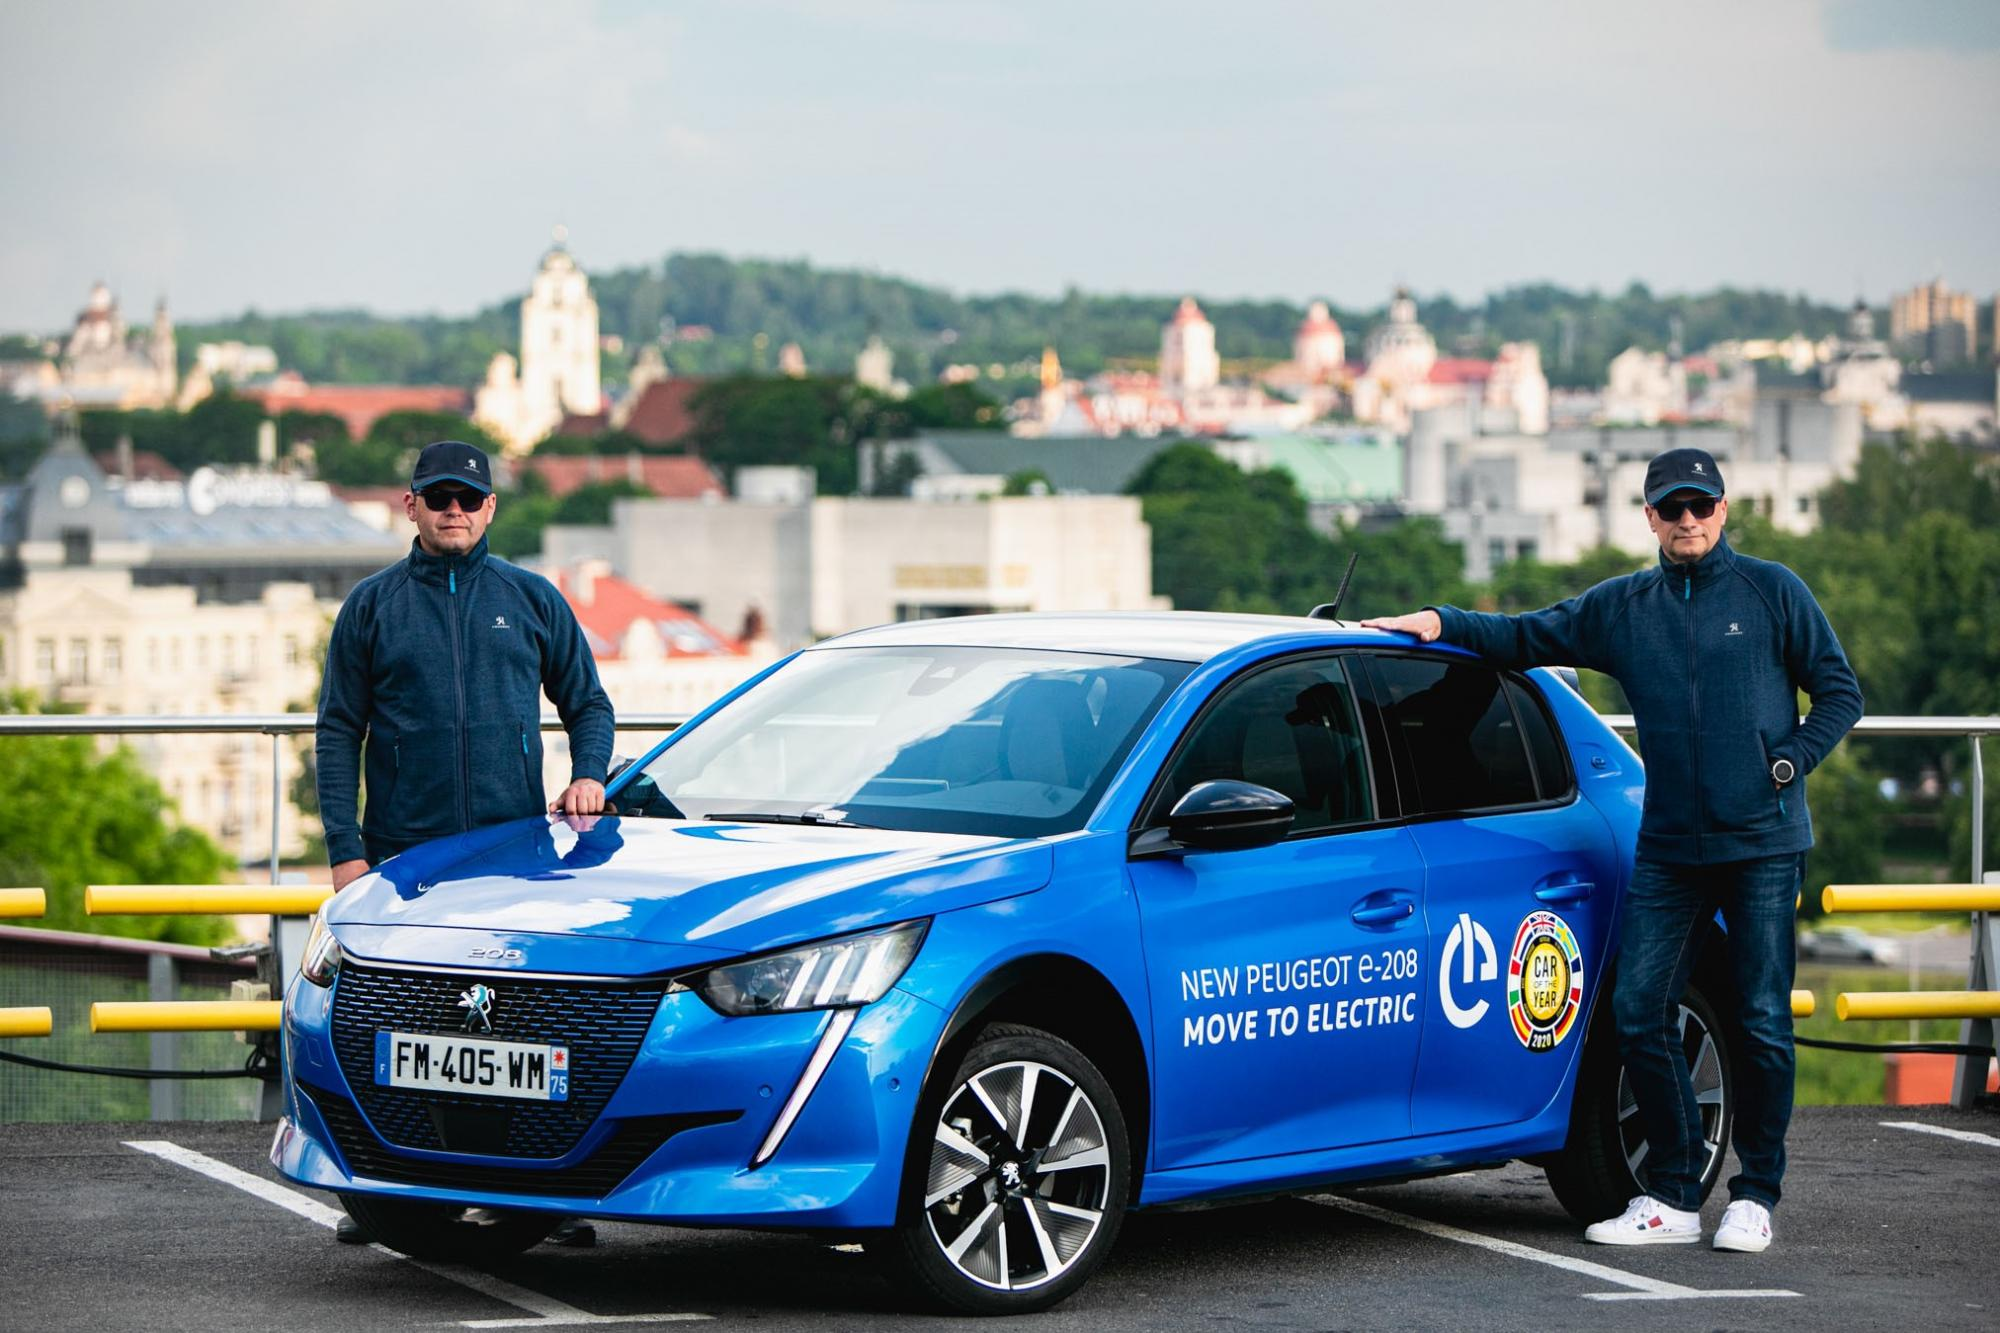 Peugeot e-208: το γρηγορότερο ηλεκτρικό αυτοκίνητο στην κατηγορία του σε αγώνα 300km!